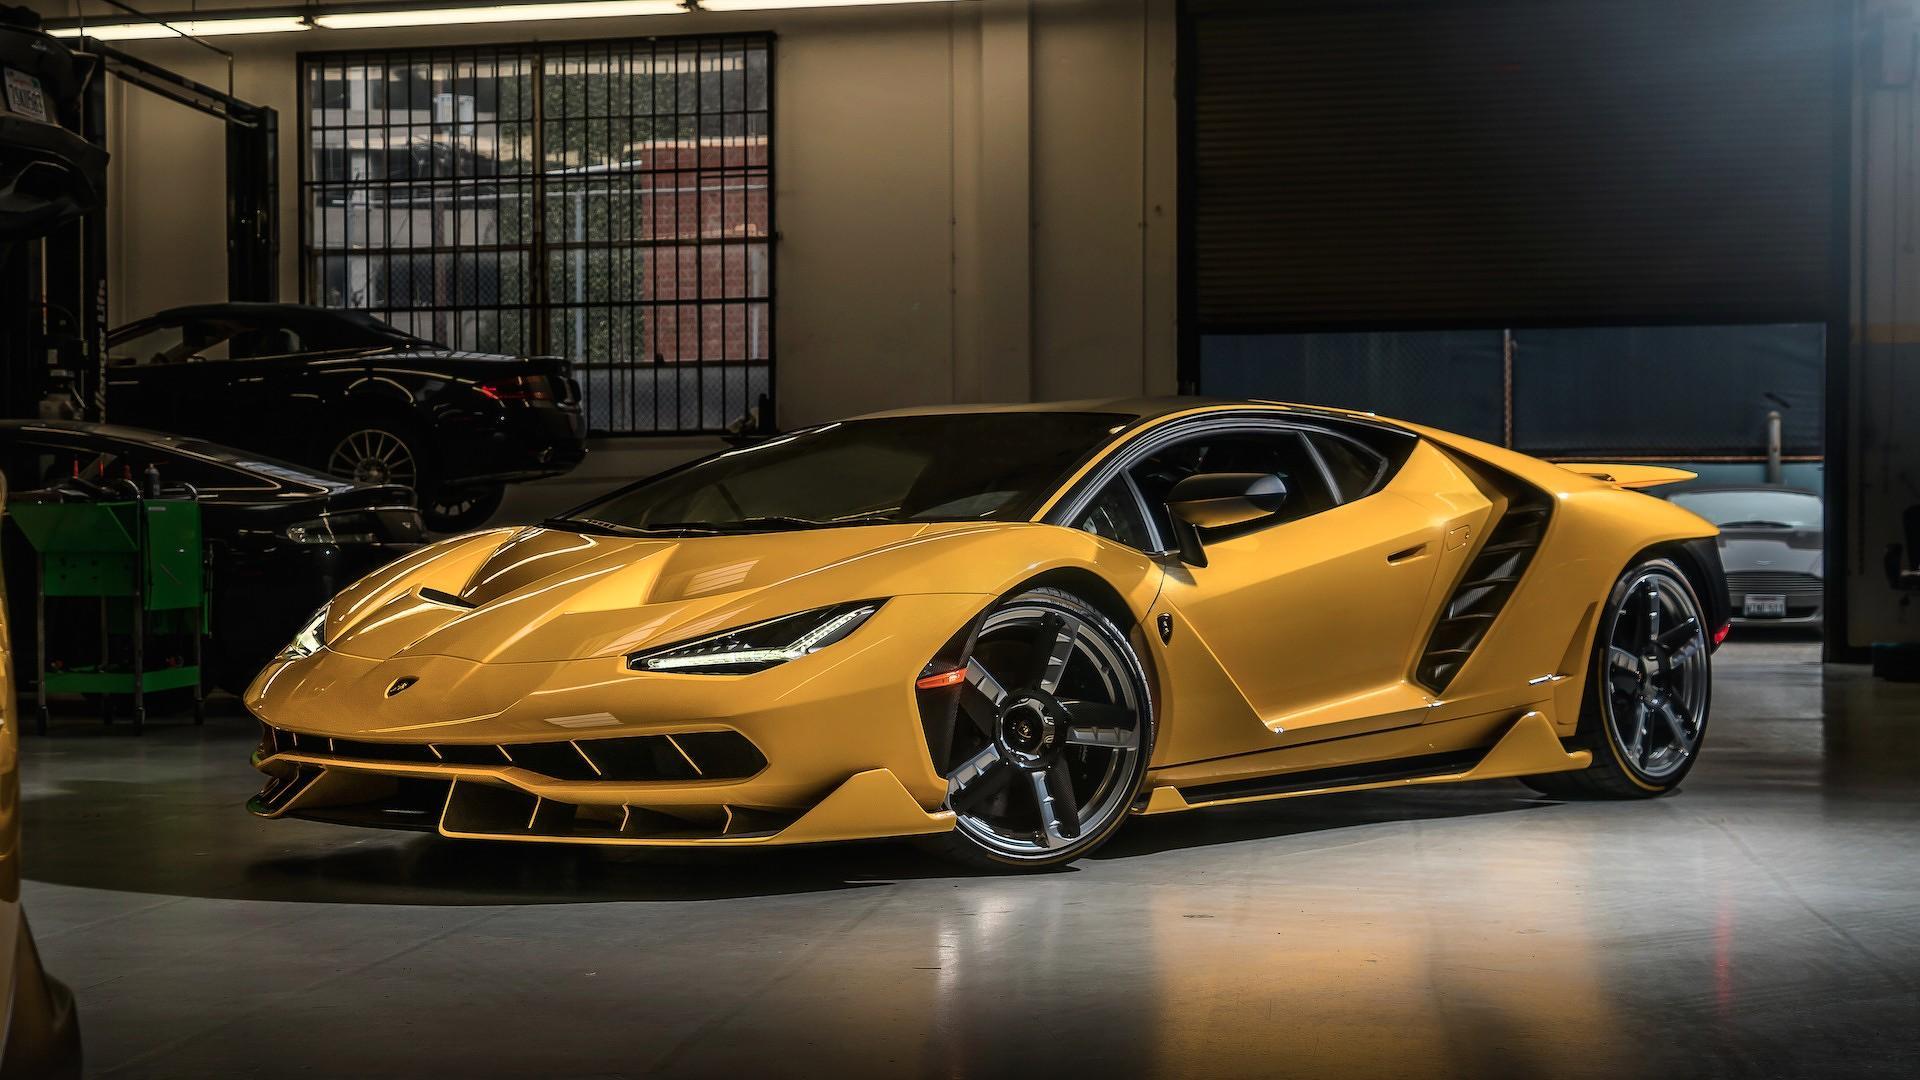 Car Wallpapers Reddit Two New Lamborghini Centenarios Have Landed In The U S